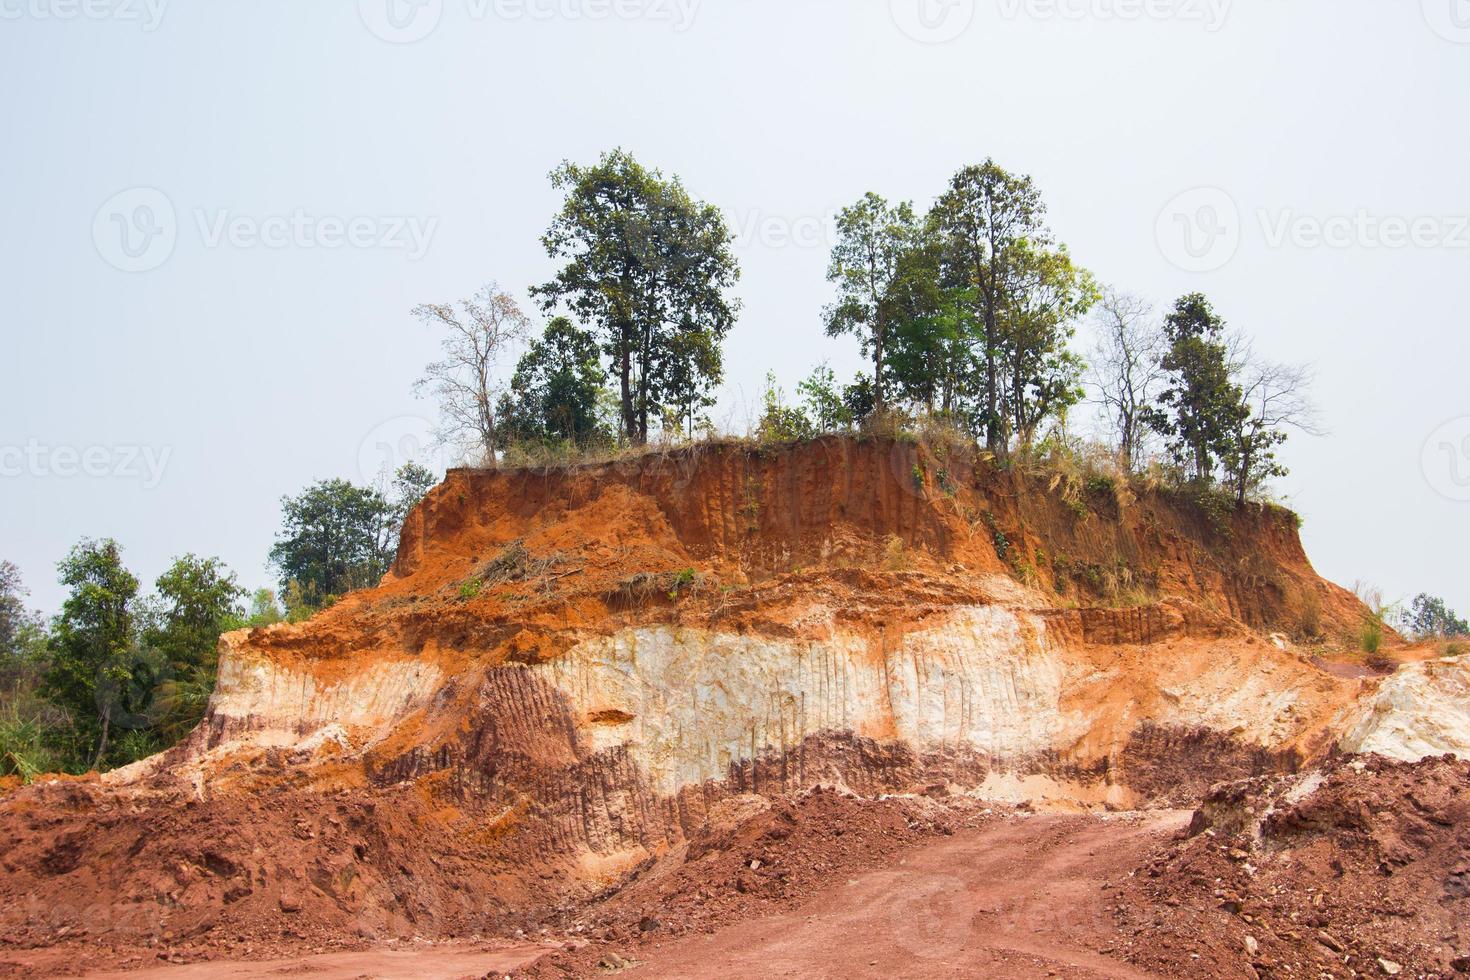 lager av jord frontlastare remsor hela sidan av en kulle foto